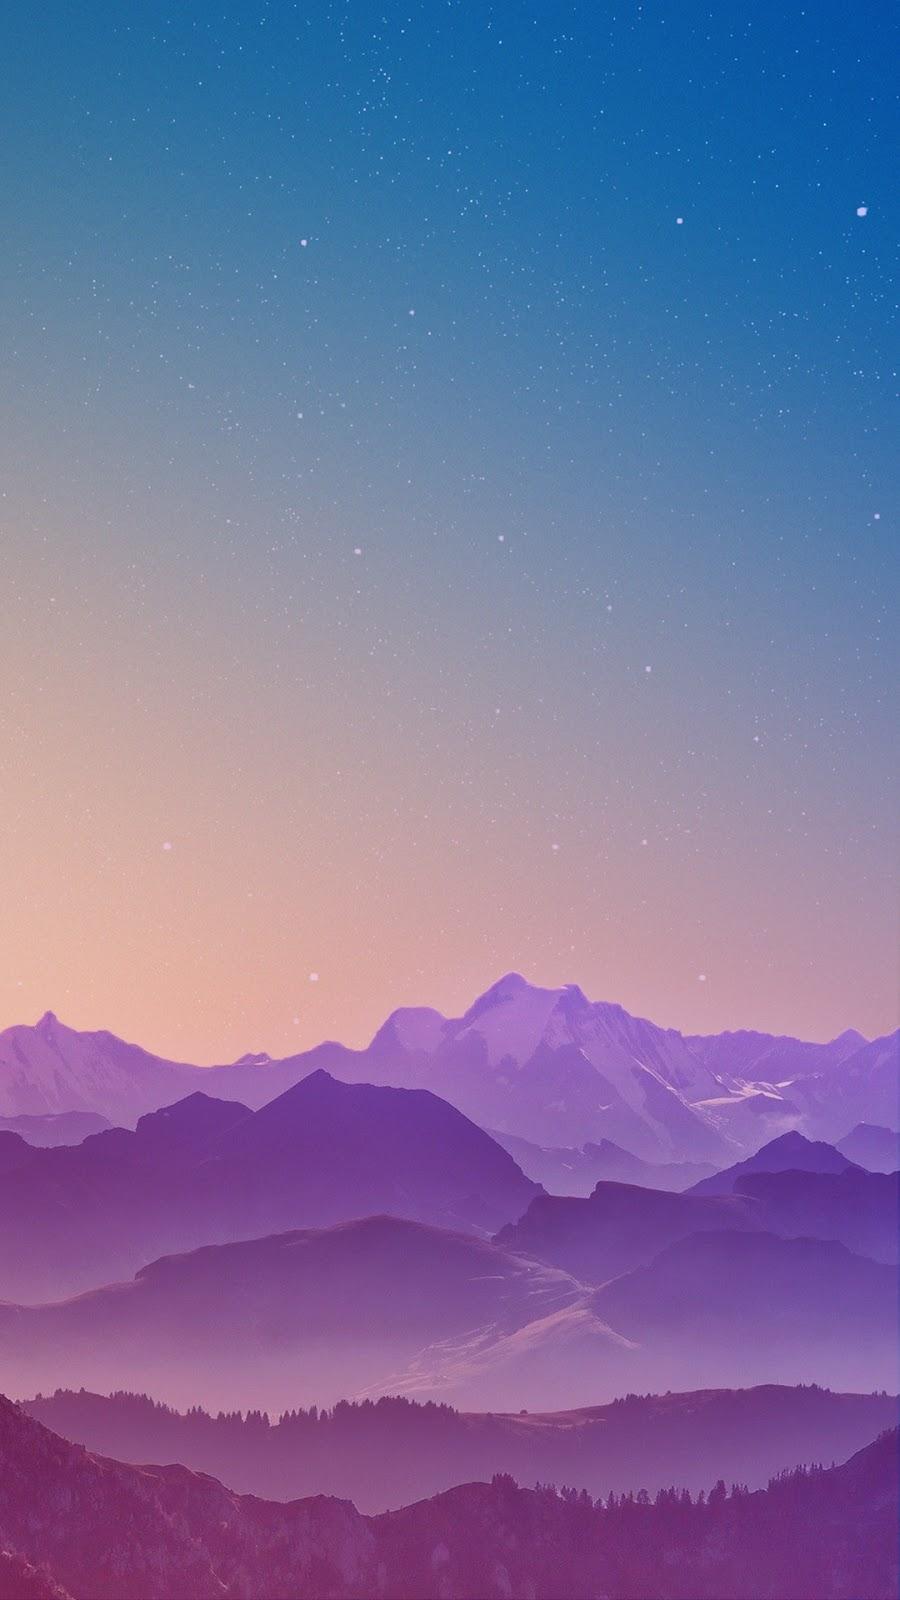 Free Wallpaper Phone: Top 31 Wallpaper iPhone 6S Plus